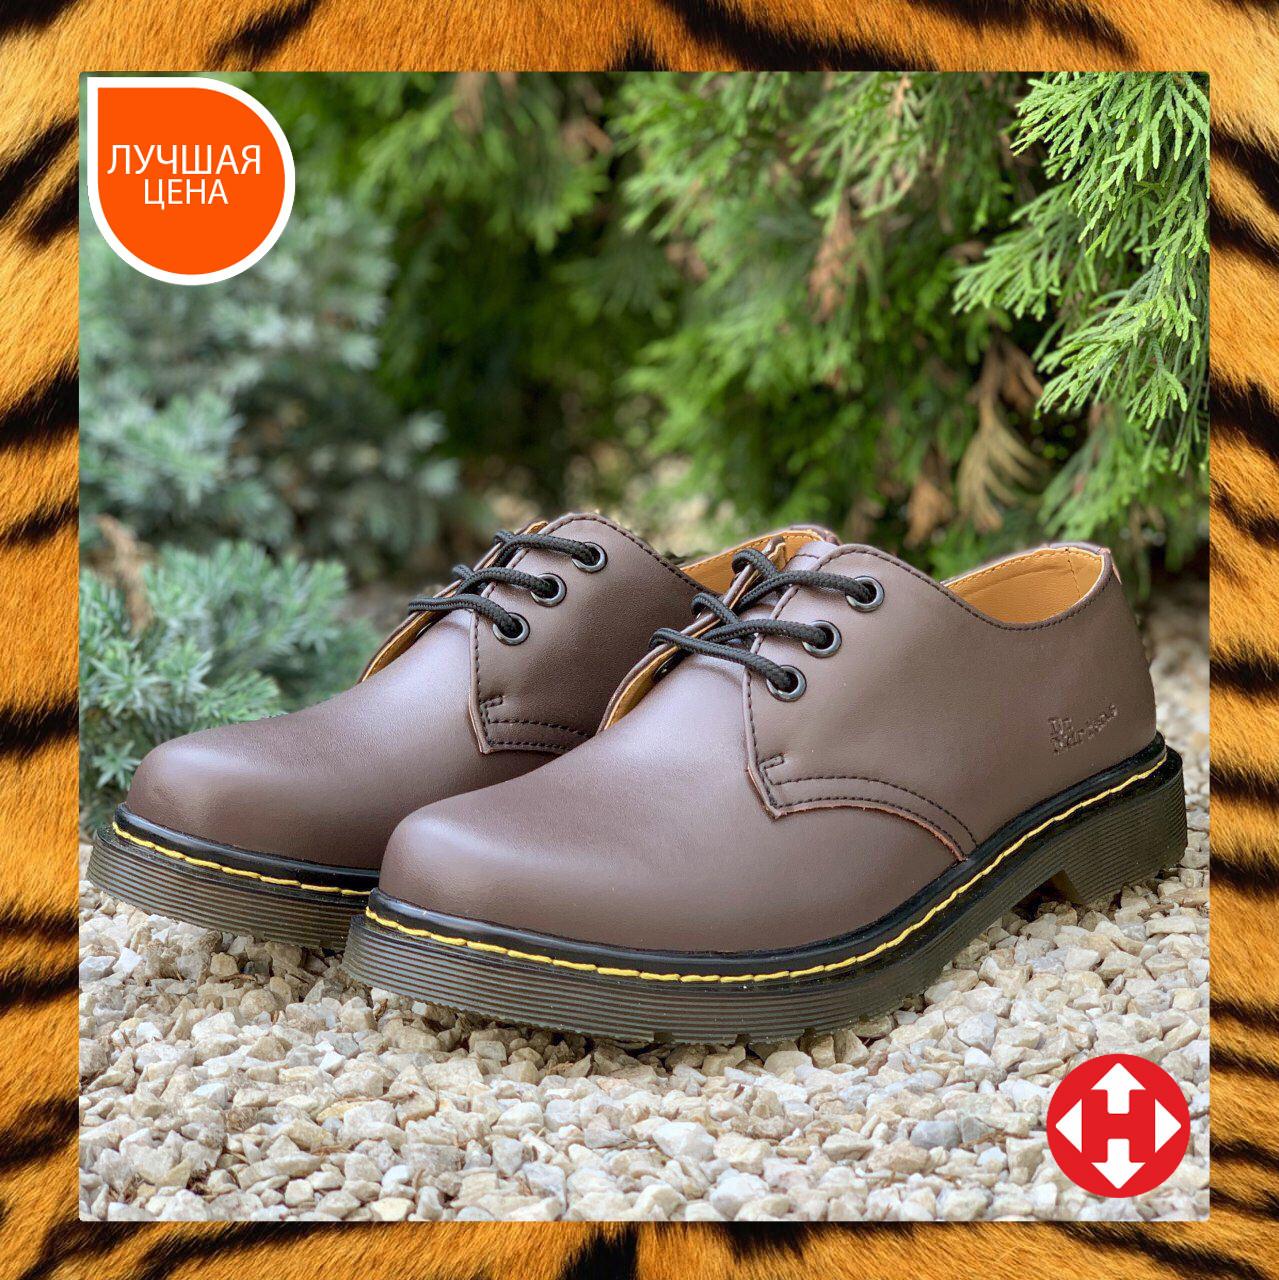 🔥 Туфли женские Dr.Martens 1461 мартинсы коричневые повседневные кожаные дерби